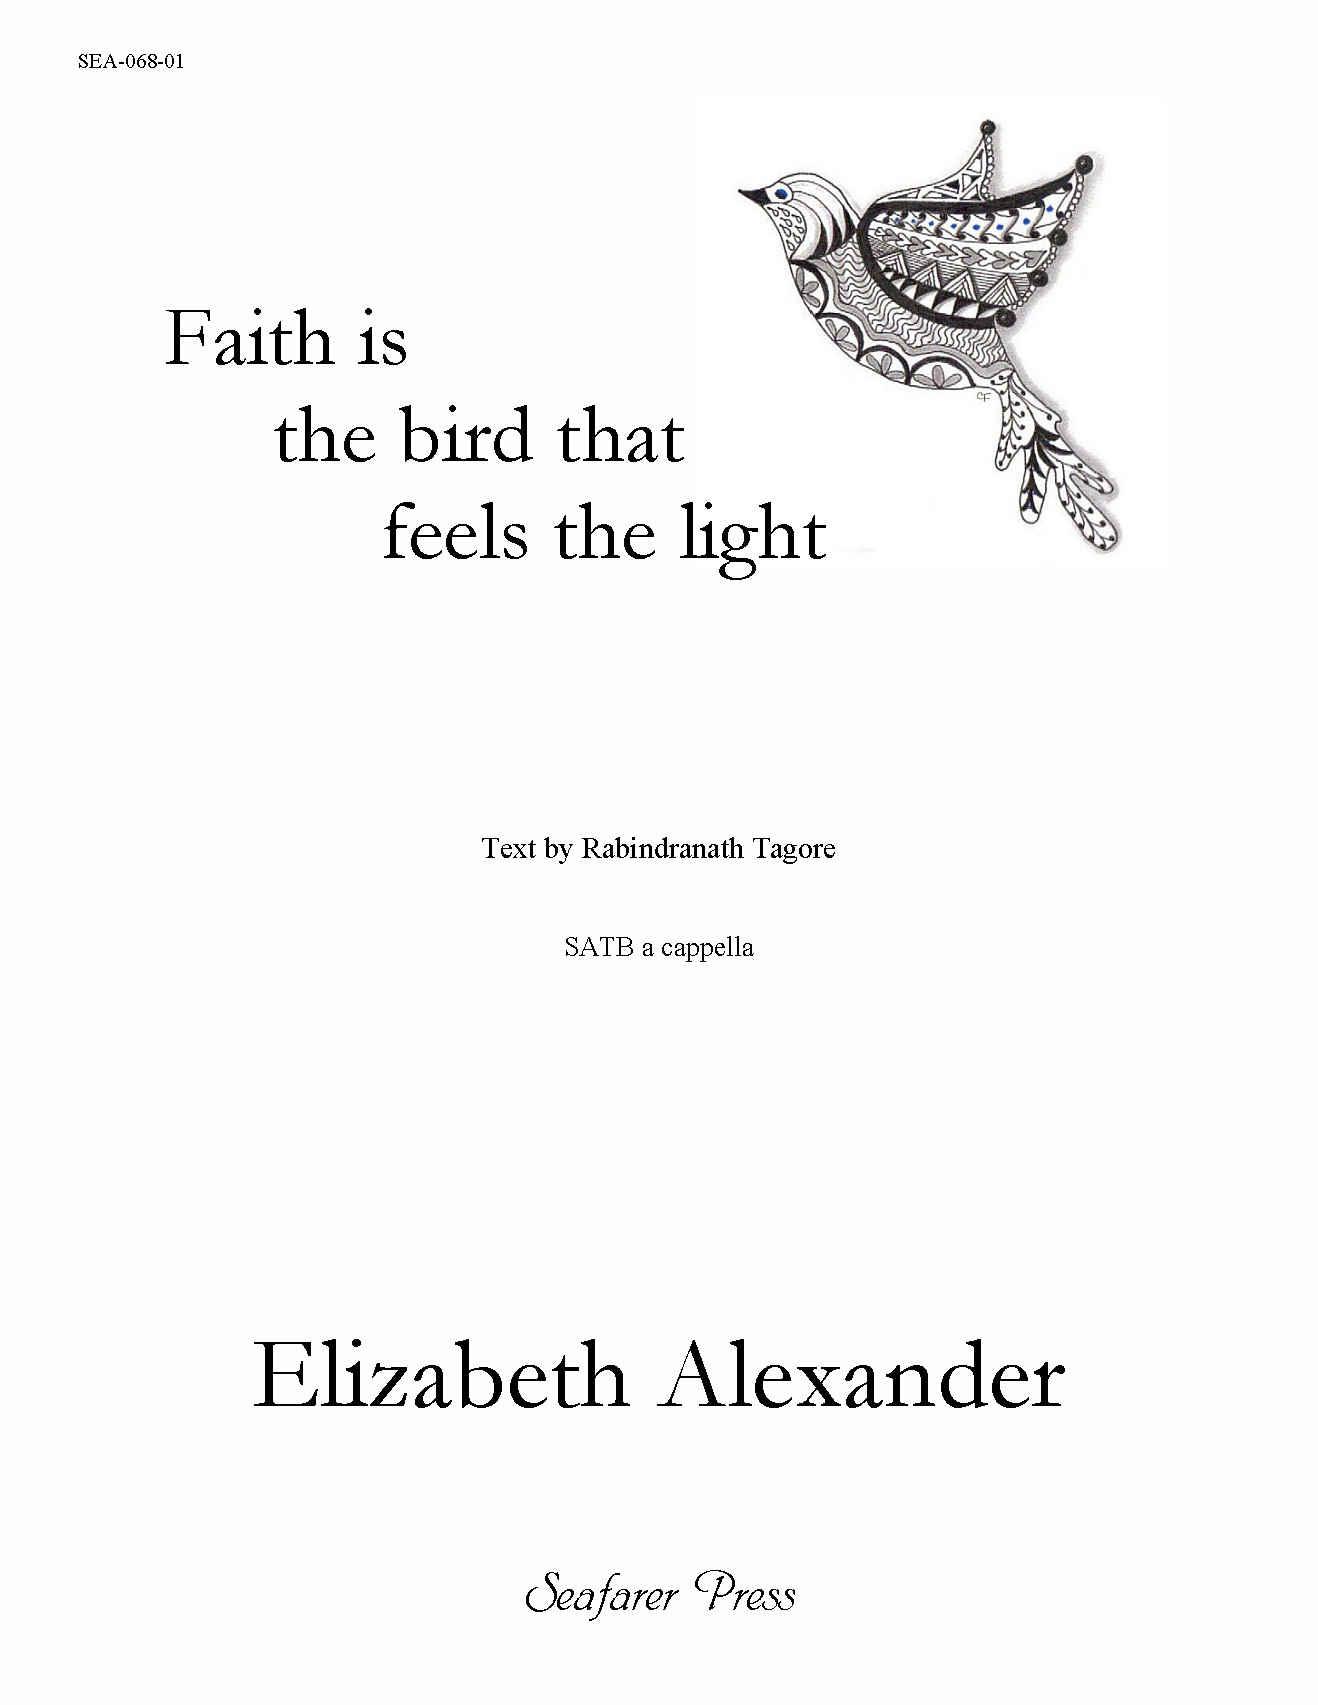 SEA-068-01 - Faith is the Bird that Feels the Light (SATB)